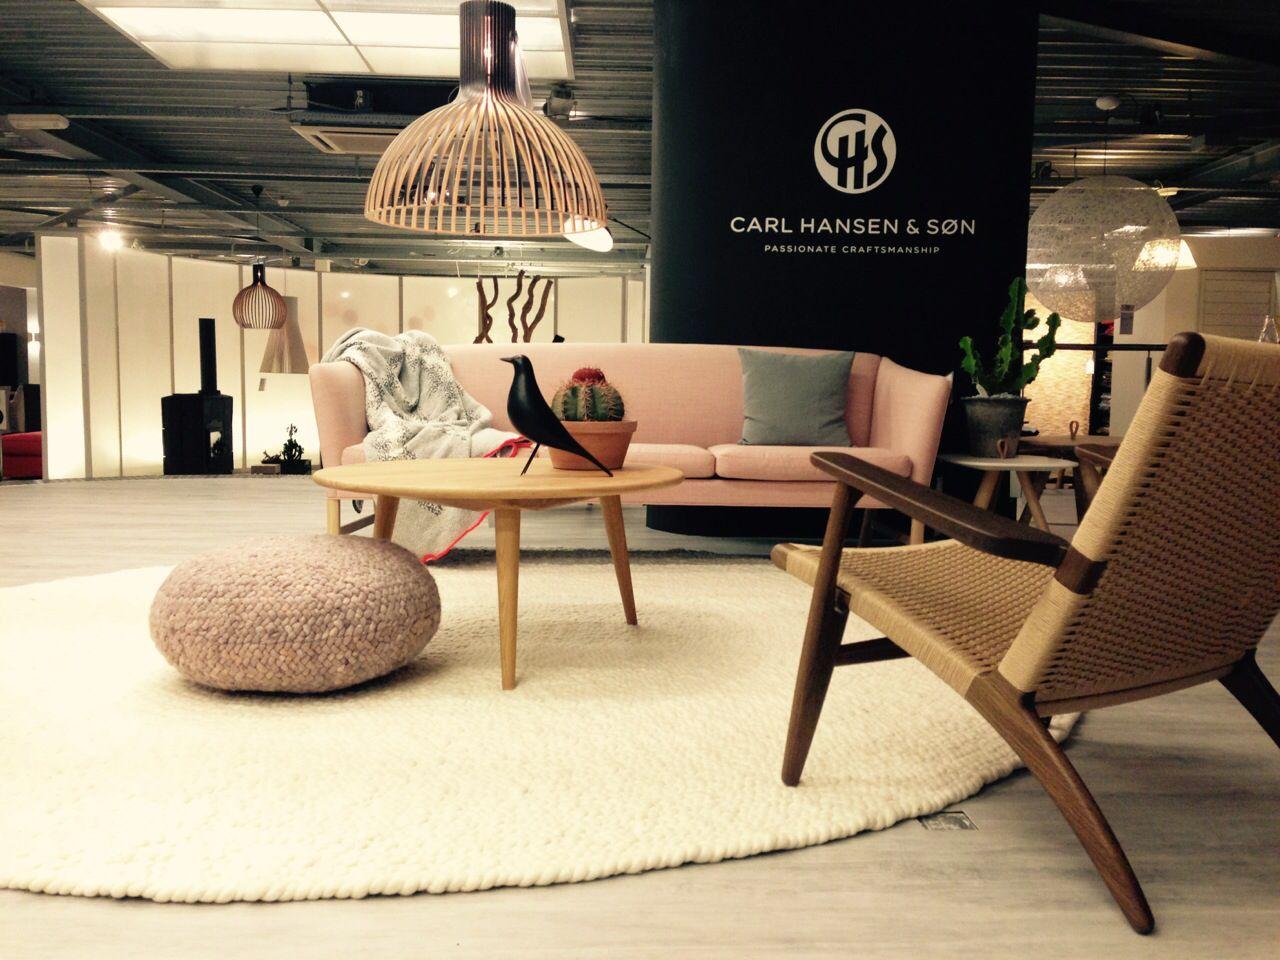 Roundabout vloerkleed en lounge poef vloerkleed rug wol wool